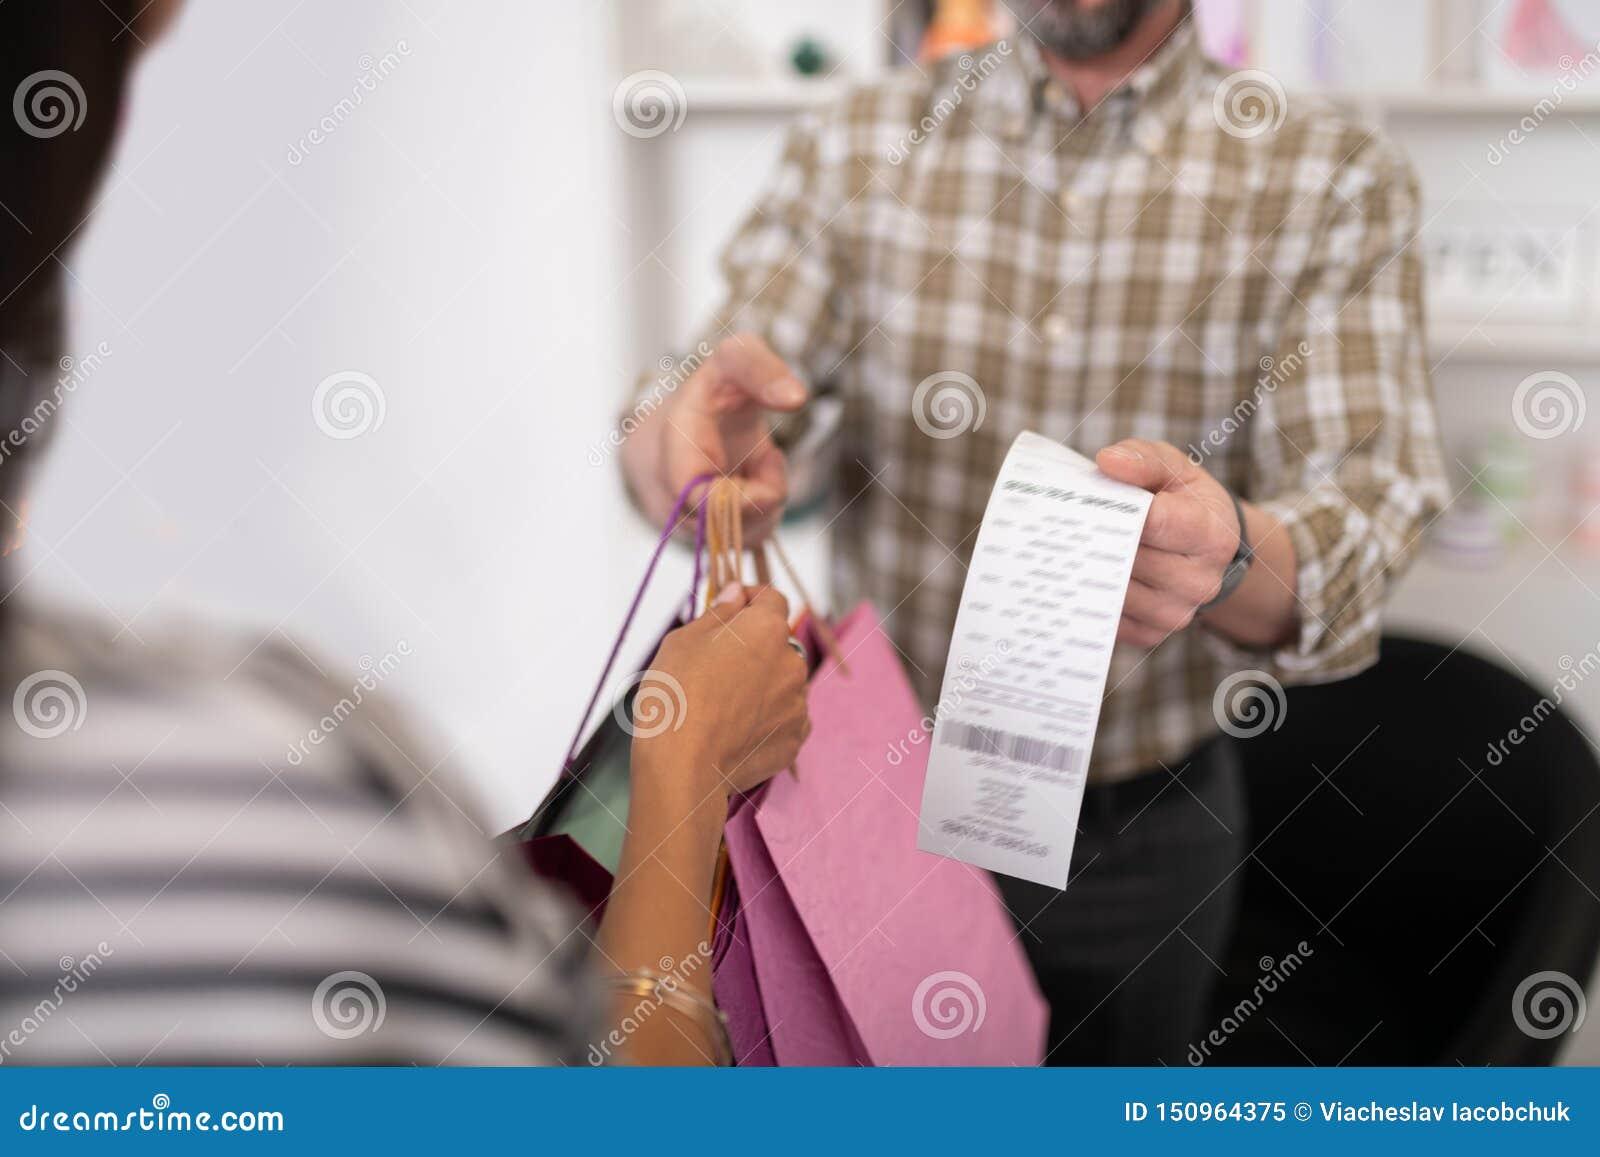 Närbild av en säljare som ger en klient med shoppingpackar